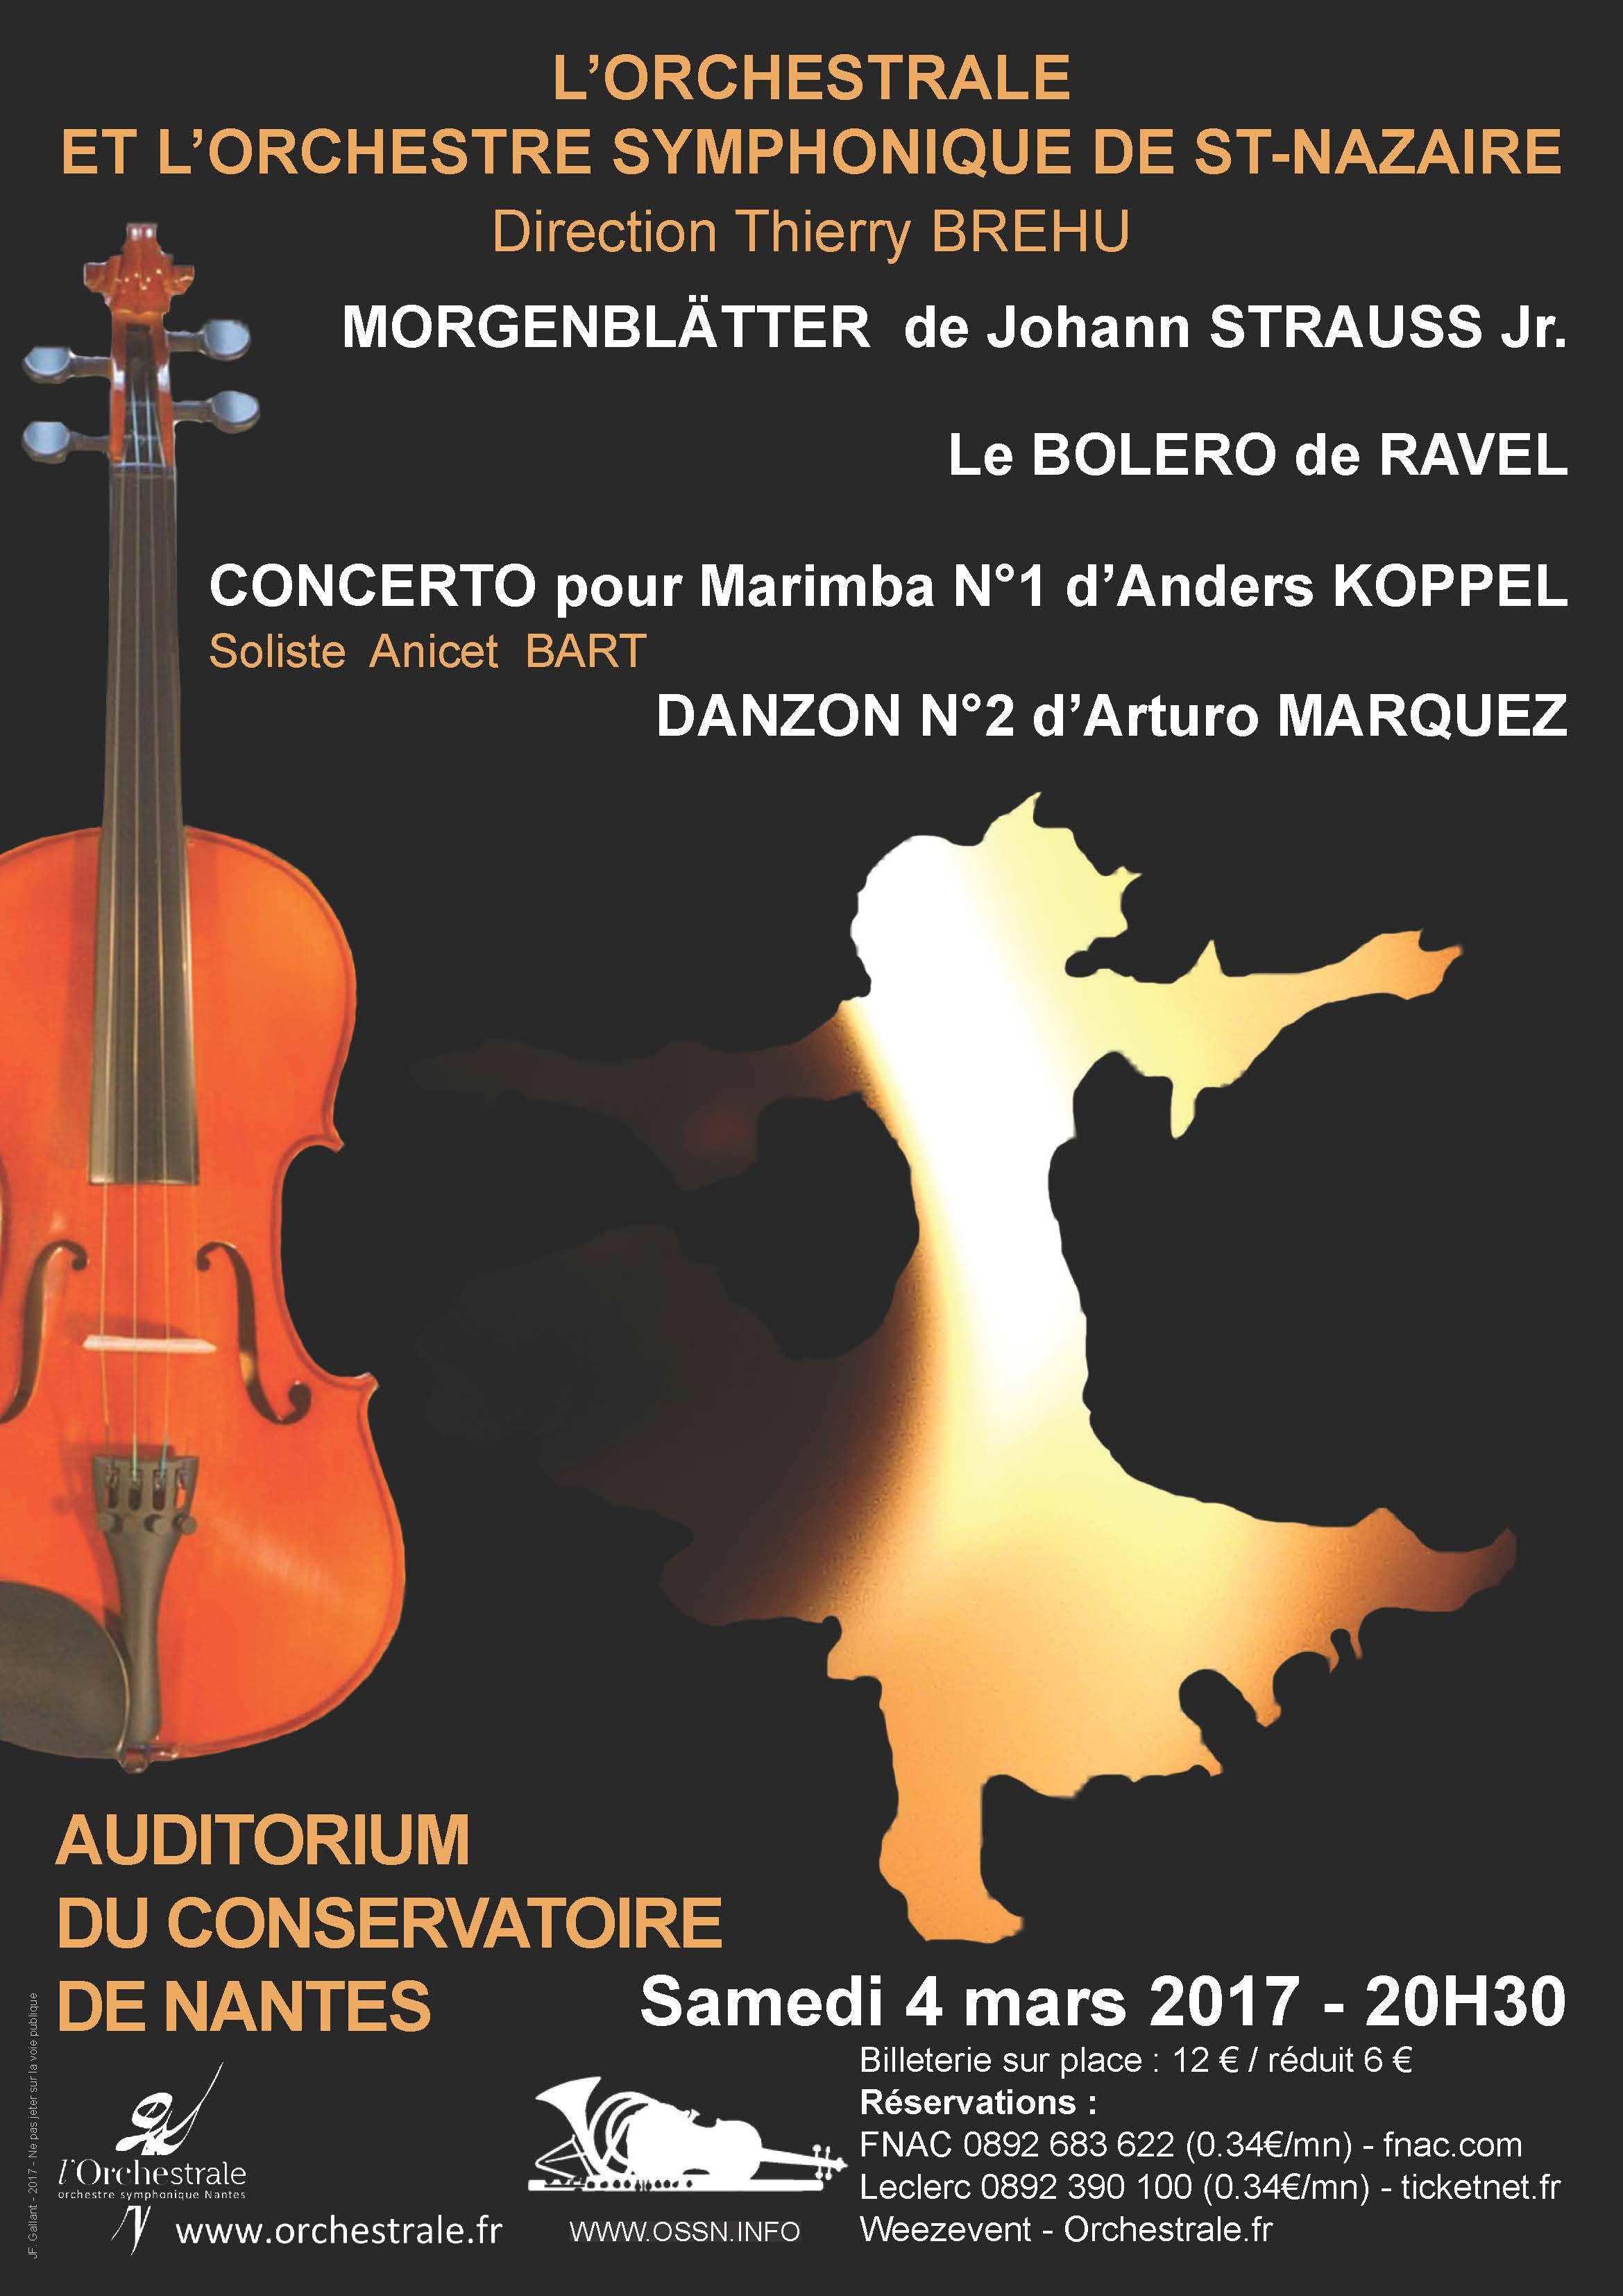 Concert mars 2017